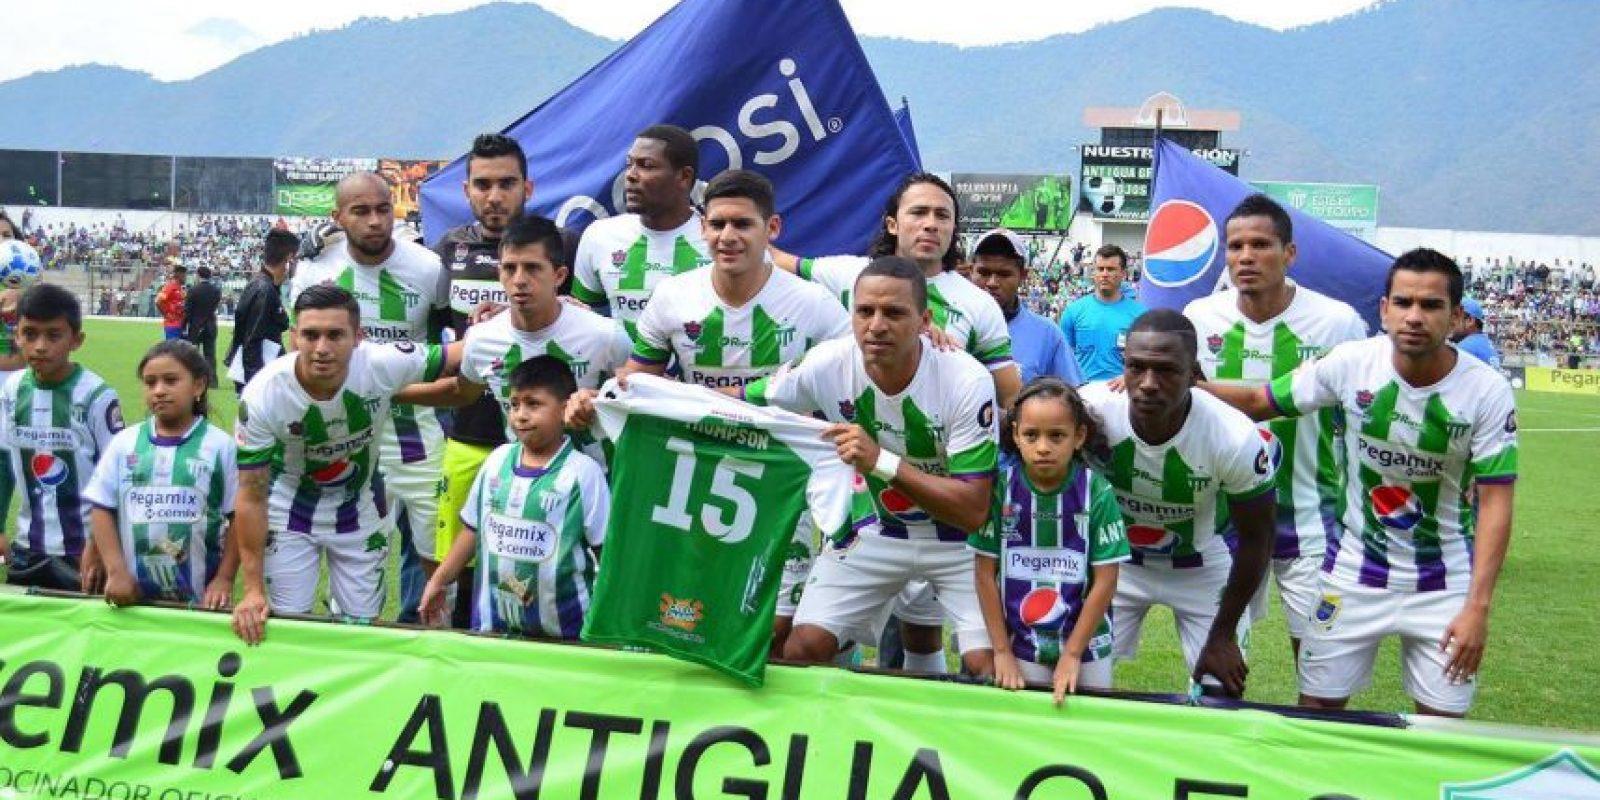 El equipo antigueño antes del partido ante Municipal. Foto:Antigua GFC